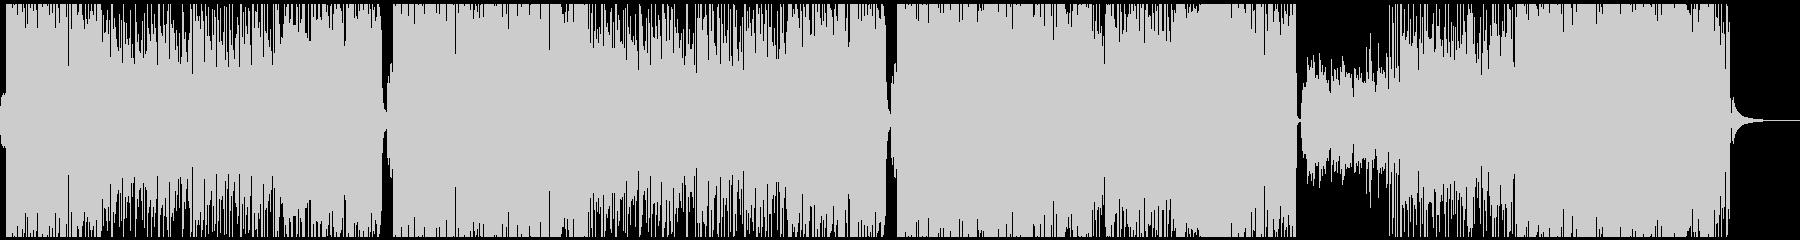 ほのぼのした雰囲気のフルート・ポップスの未再生の波形